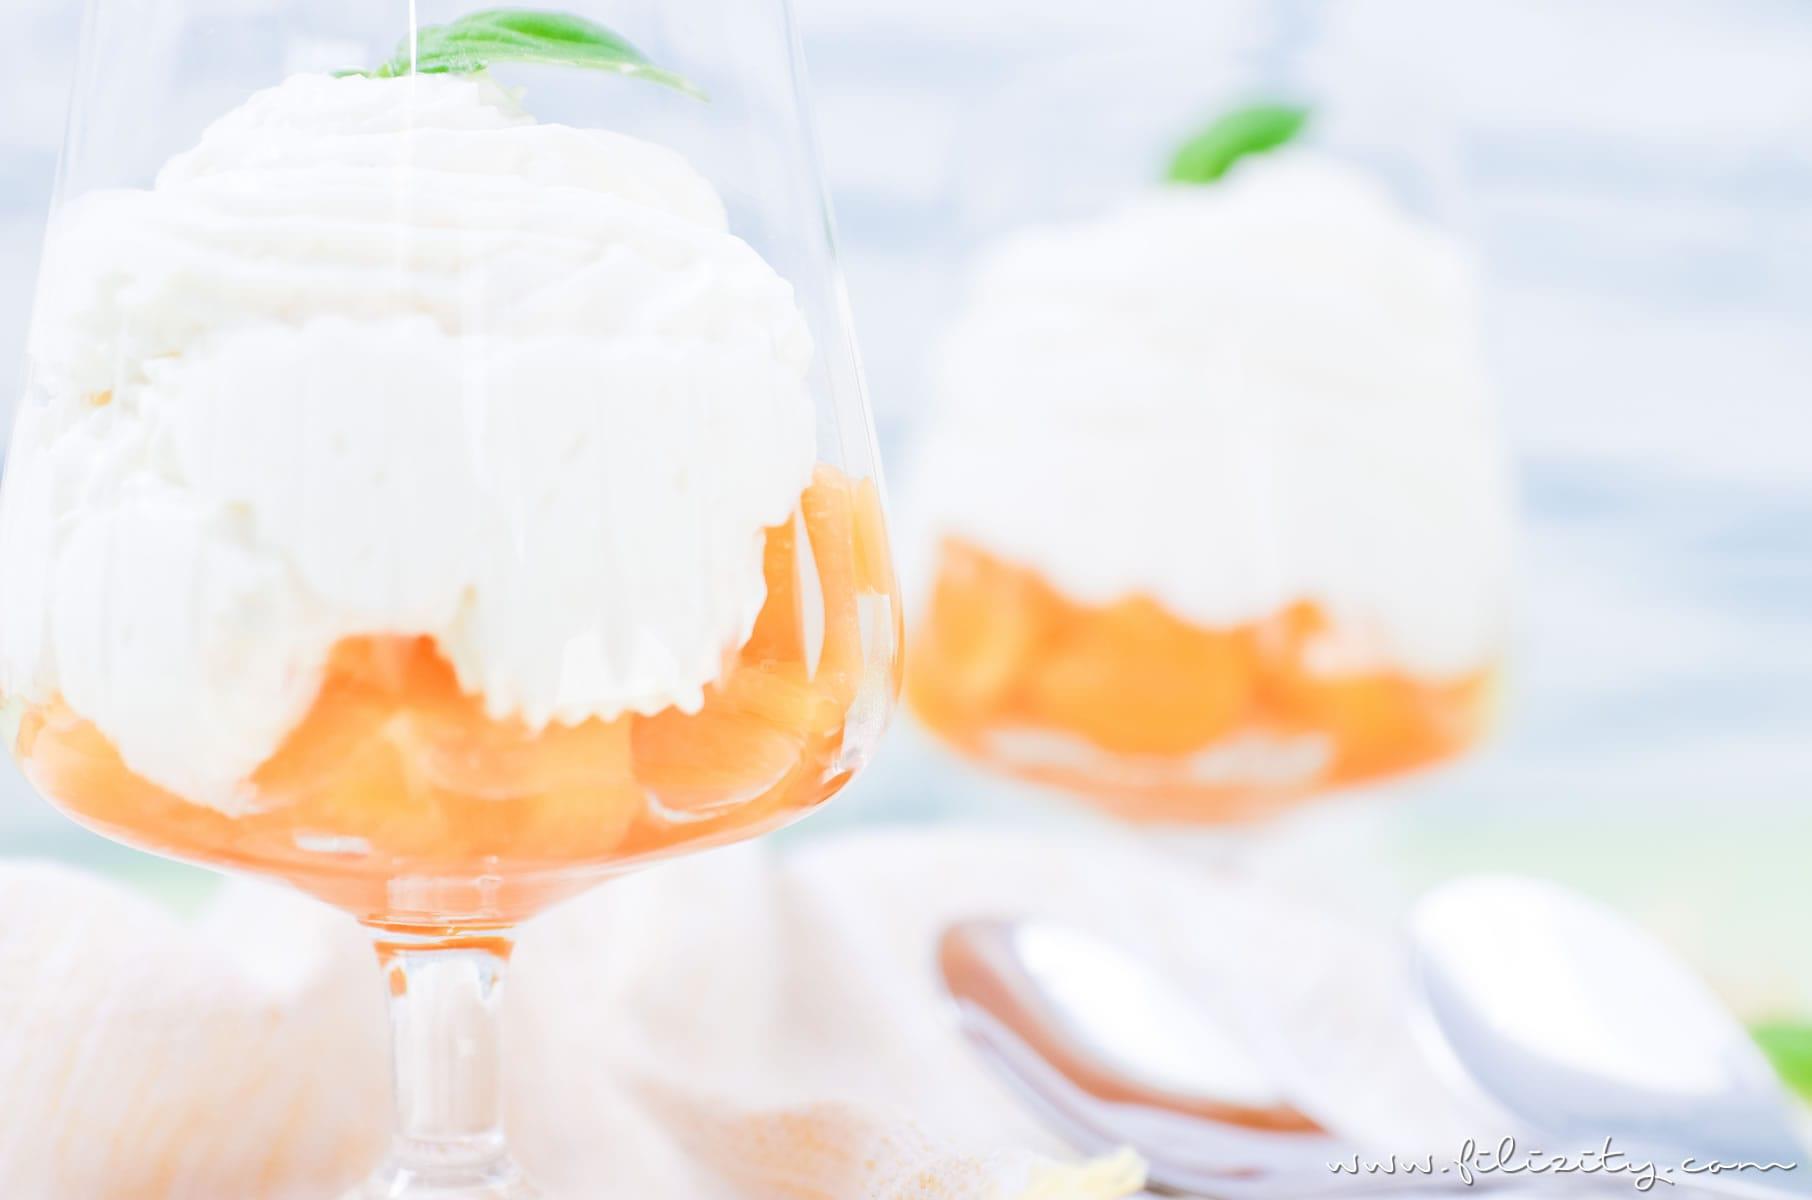 Himmlisches Dessert-Rezept: Mascarpone-Creme mit Aprikosen | Filizity.com | Food-Blog aus dem Rheinland #ostern #dessert #lastminiute